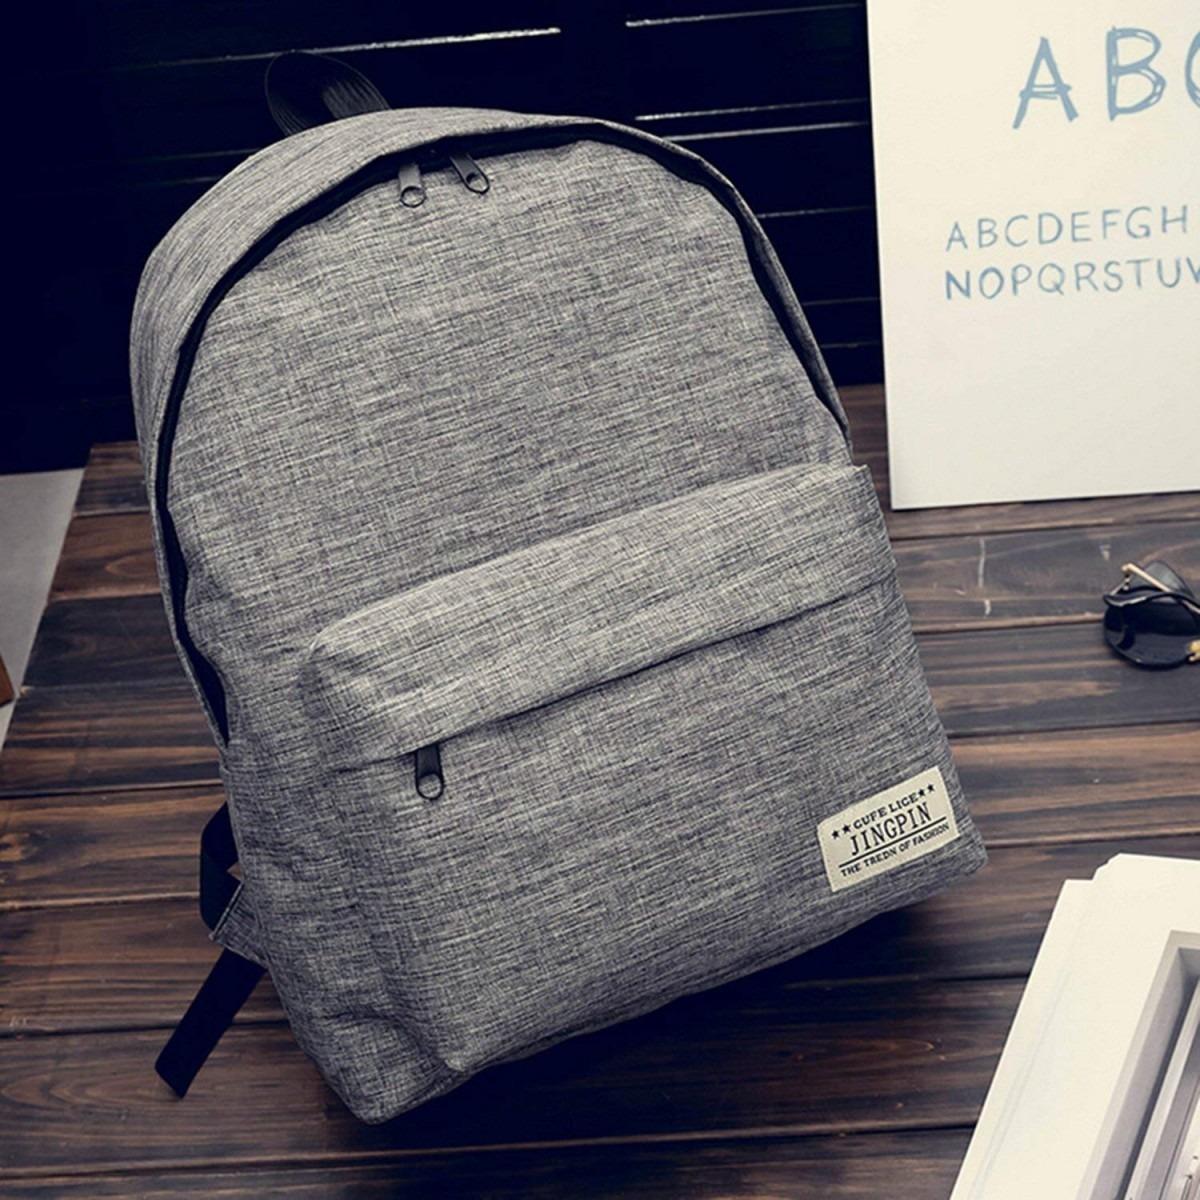 Best under $10 accessories- Bag